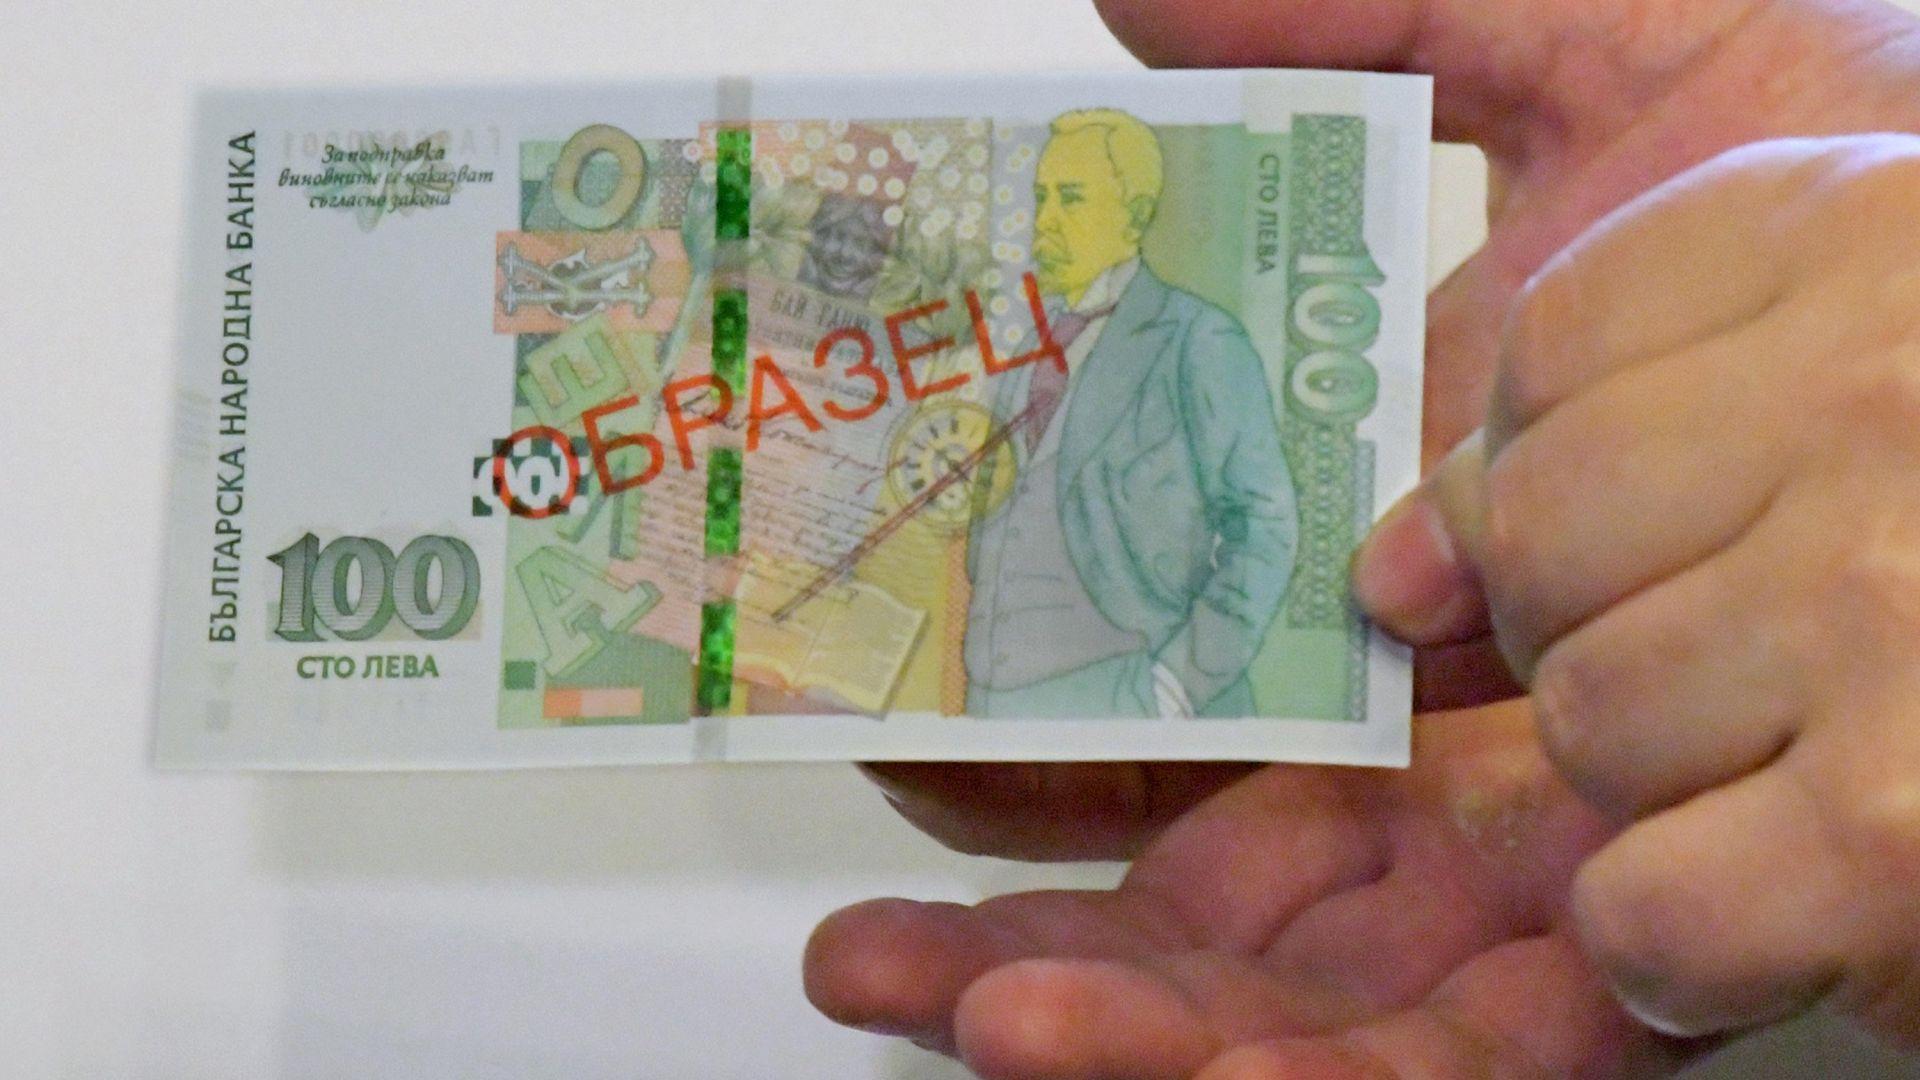 БНБ пуска банкнота от 100 лв. с нови защитни знаци (снимки)